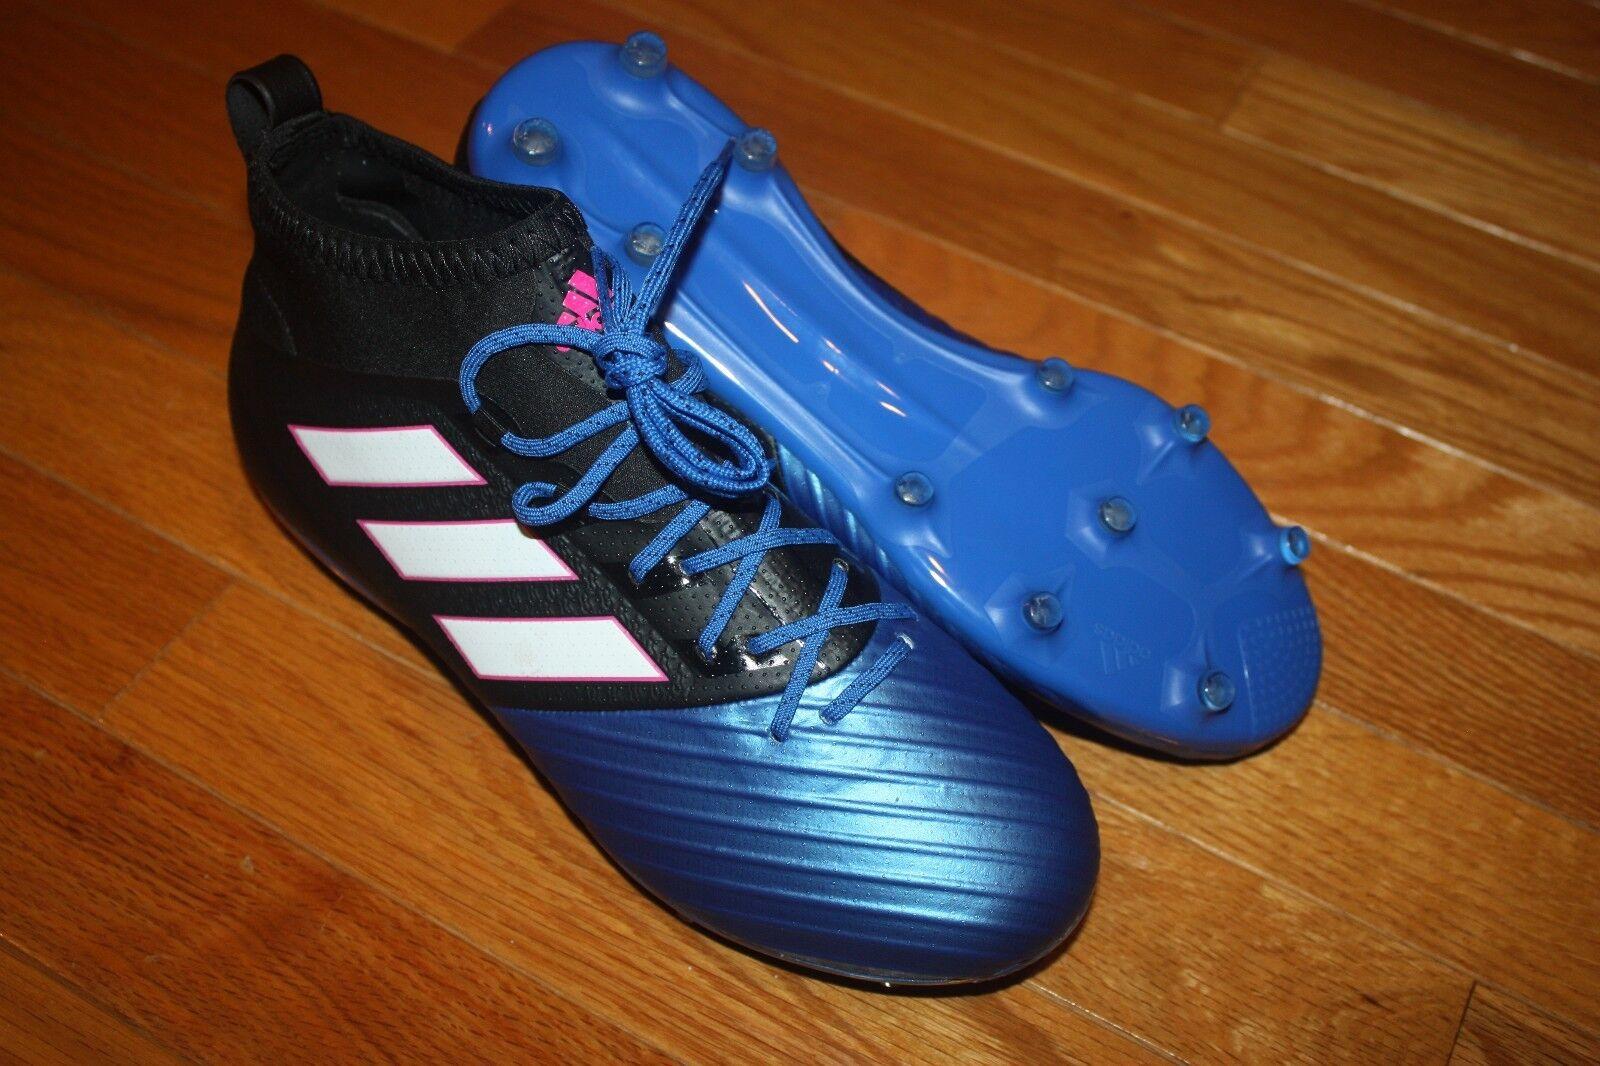 New in box männer adidas ace 17,2 primemesh fg / bb4325 blk / blau / fg weiß fußball - schuh dd73ec